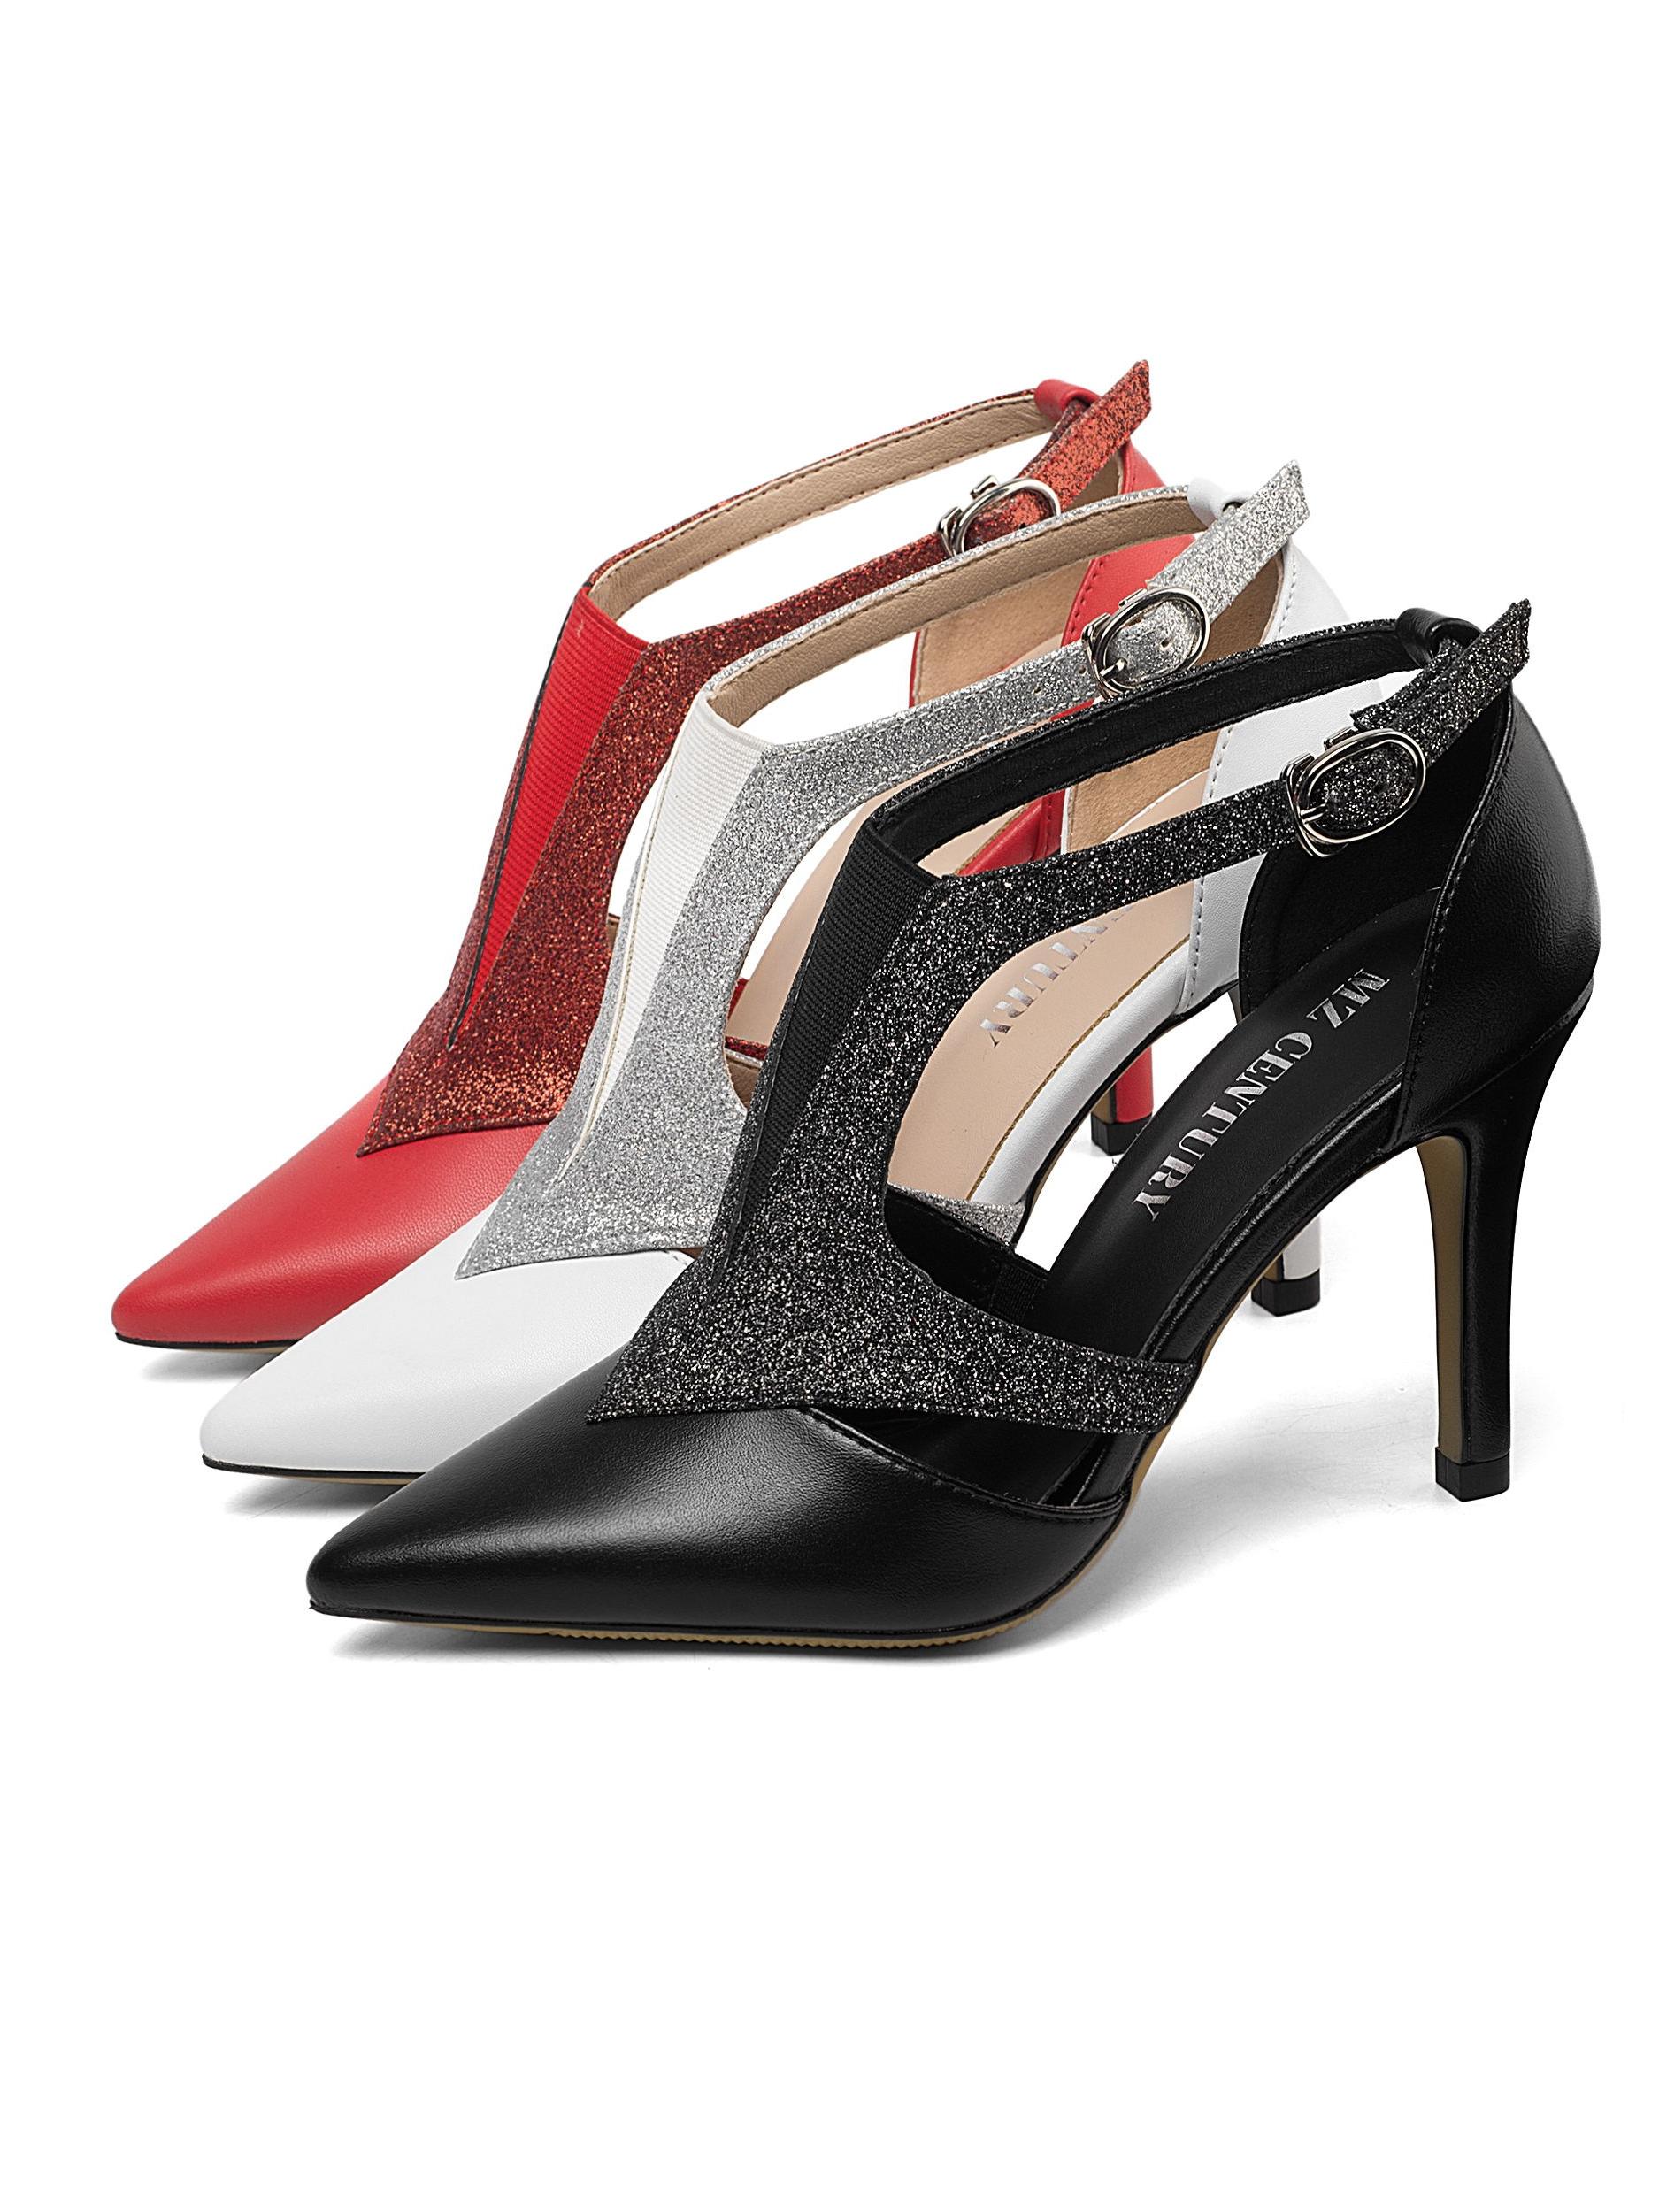 2021新款牛皮包头凉鞋 细高跟四季尖头中空扣带防滑罗马OL女单鞋